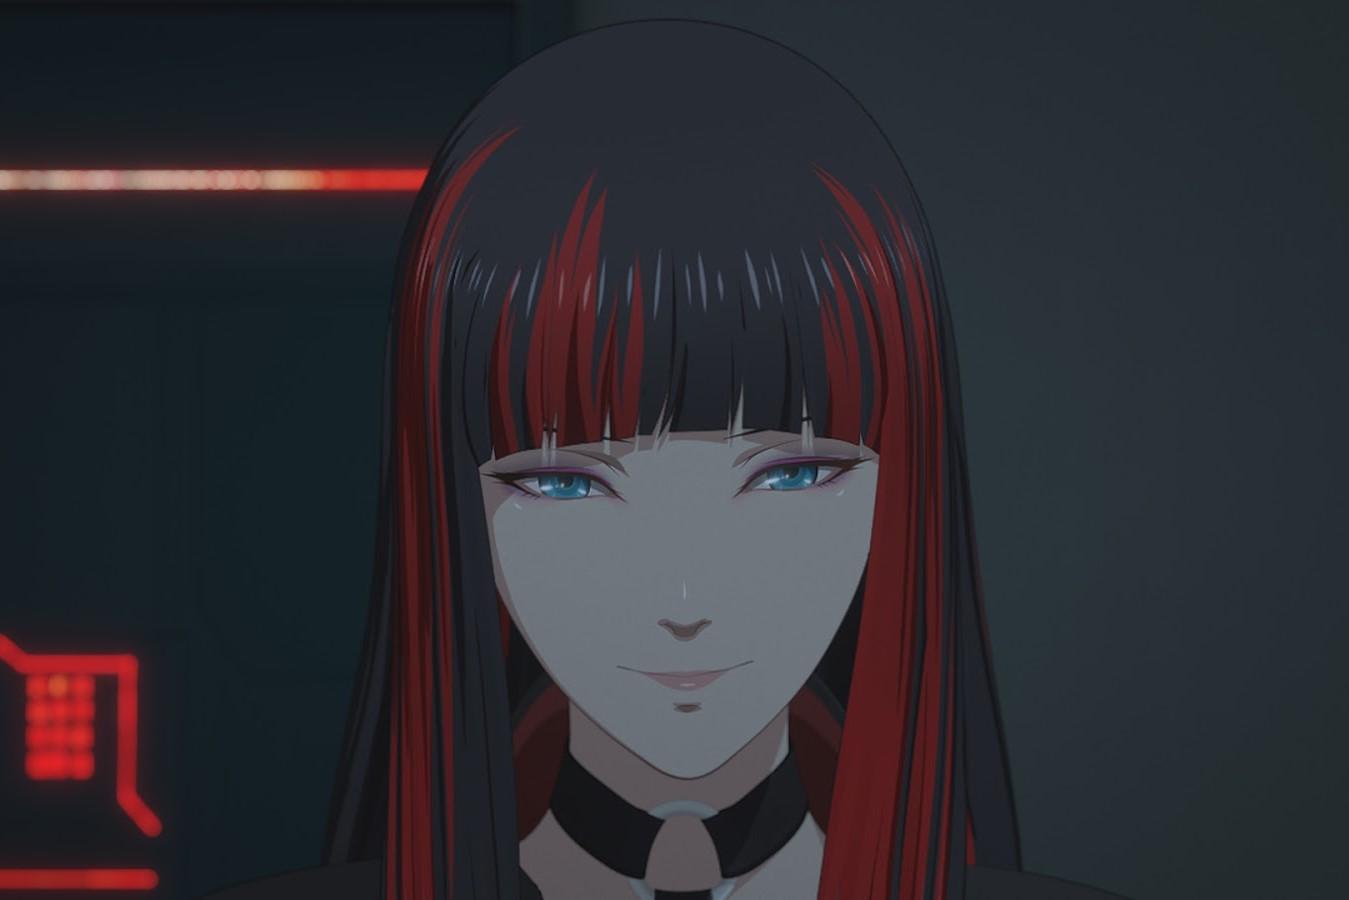 『NIGHT HEAD 2041』キャラクターデザイン原案・大暮維人「正義も悪も美しさも醜さも、すべてあわせ持った方が美しい」